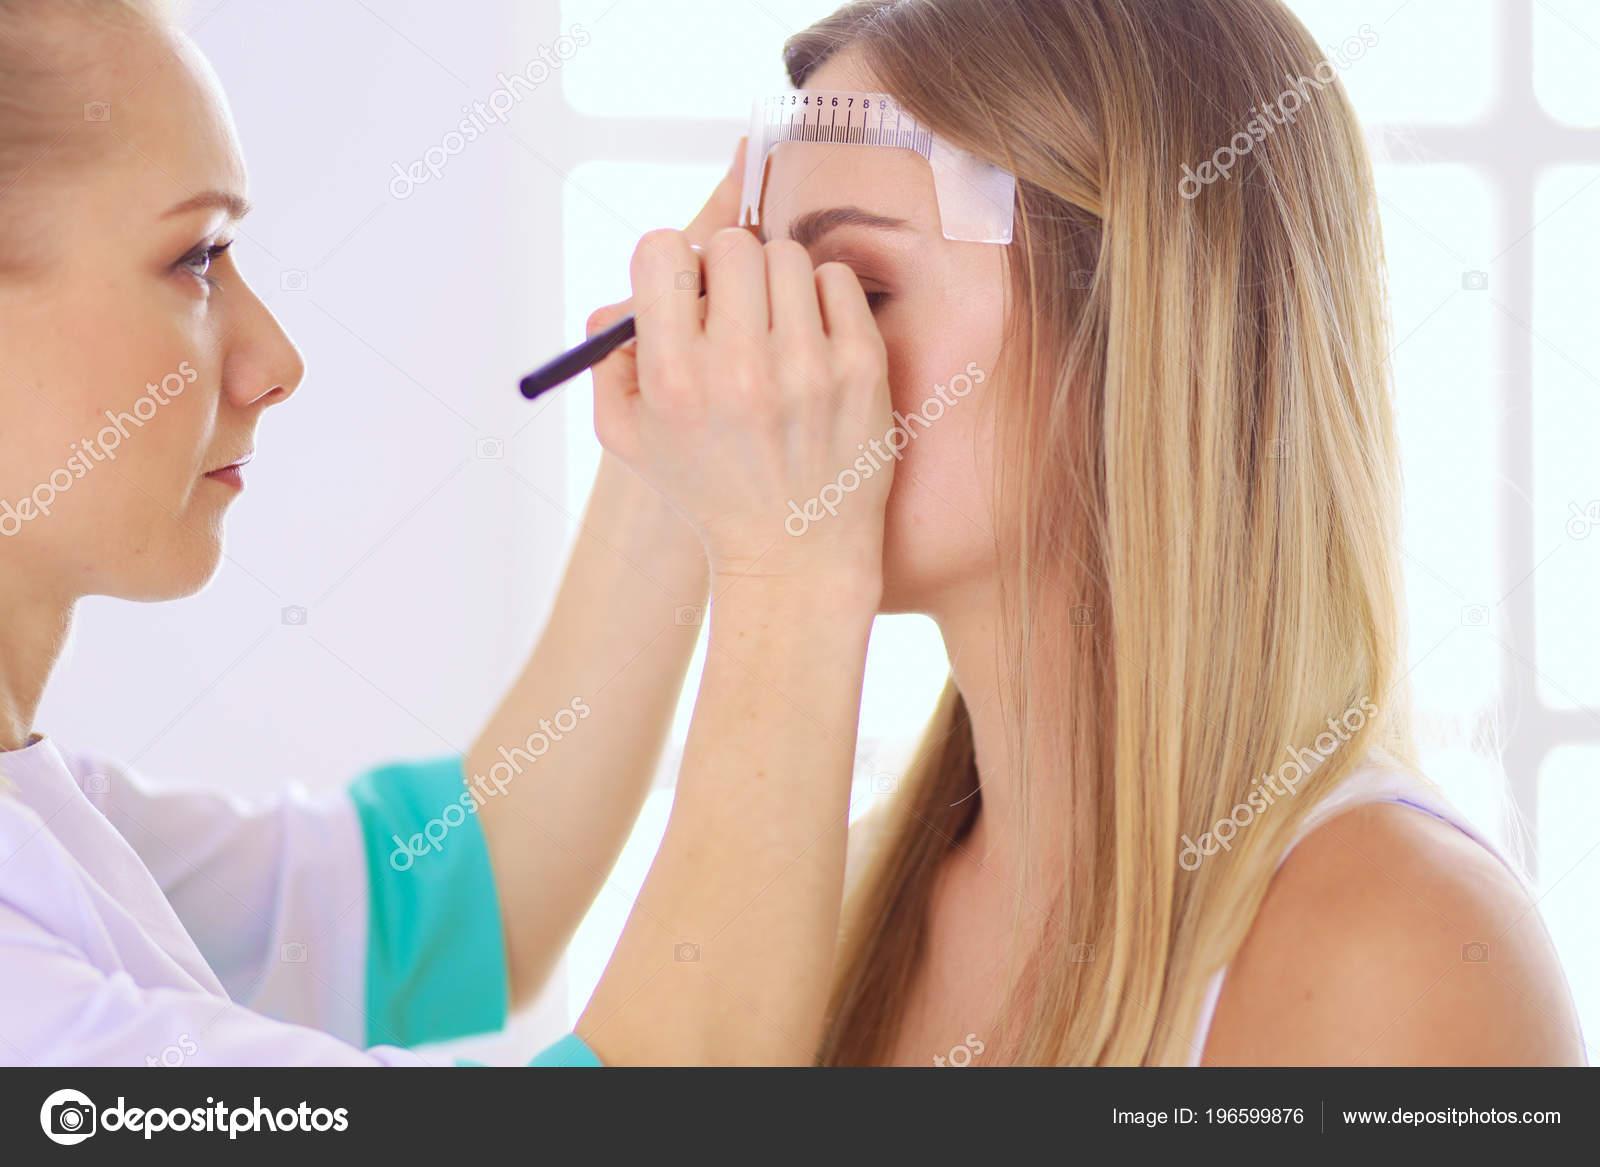 Maquillage Permanent Pour Les Sourcils Gros Plan D Une Belle Femme